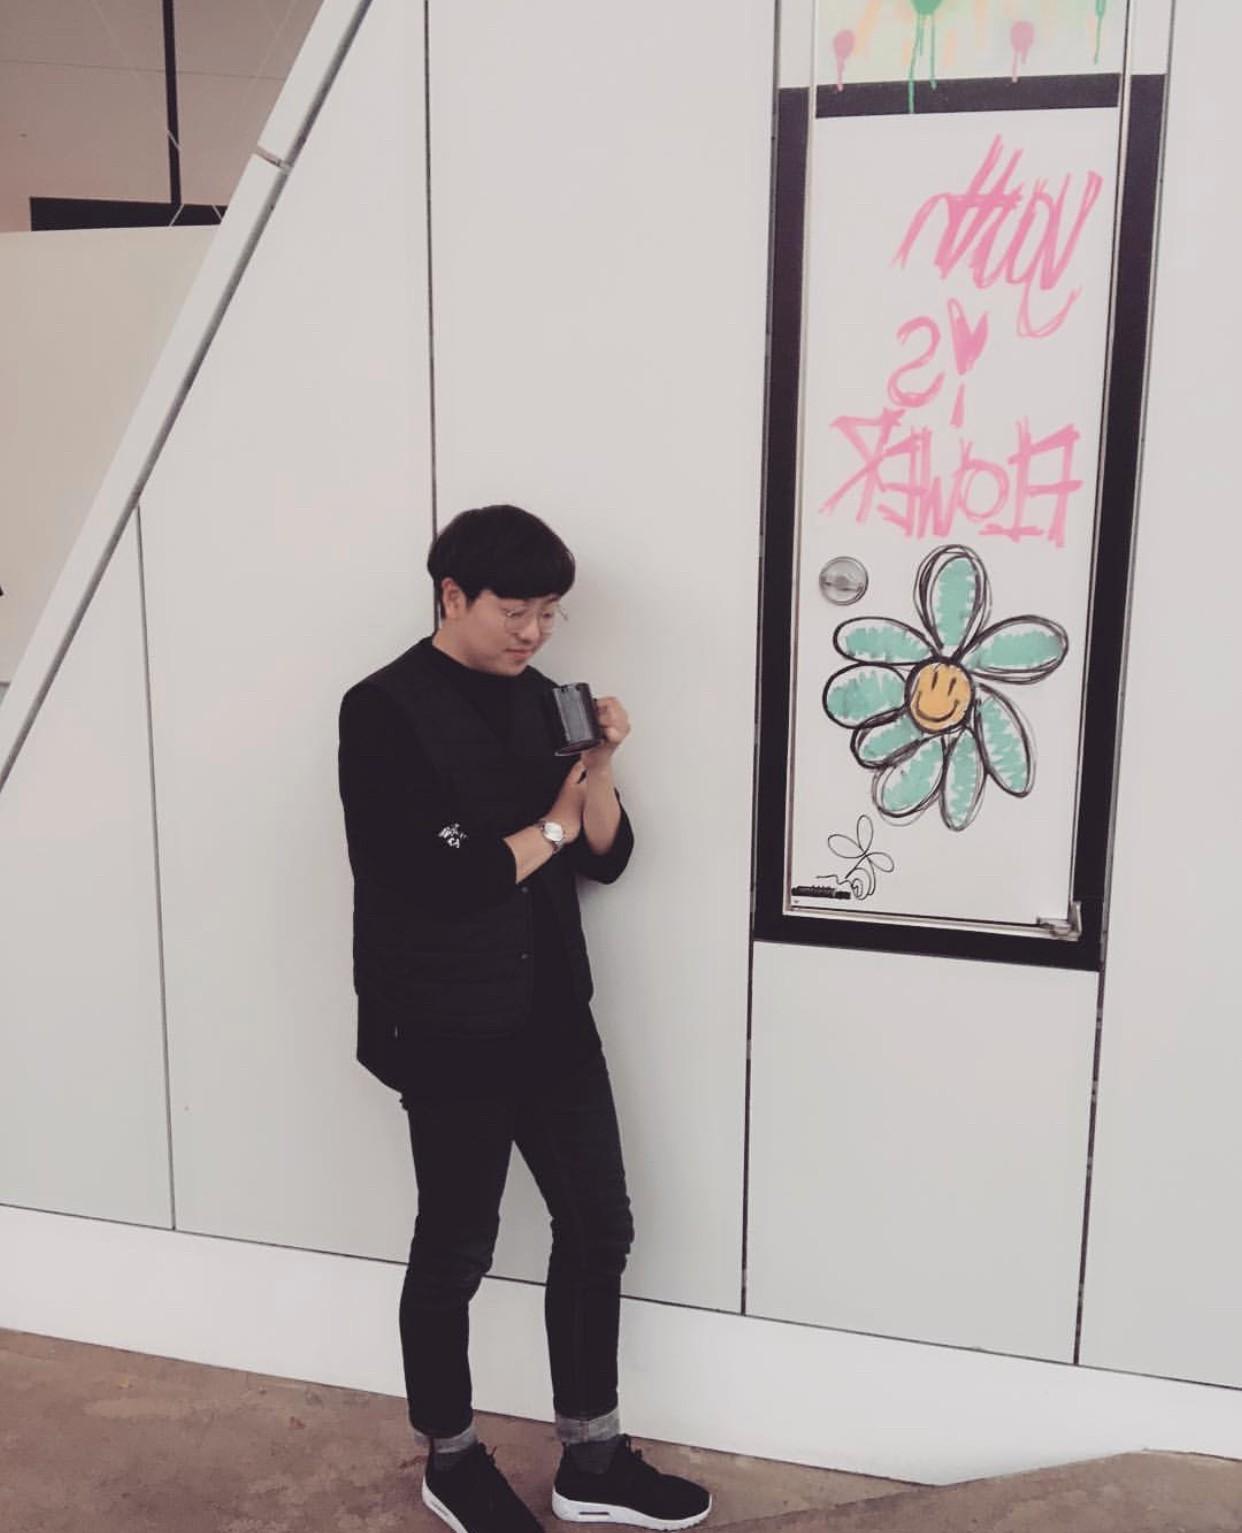 Giữa tâm bão Seungri và những người bạn, quán cà phê tâm huyết một thời của G-Dragon bất ngờ thông báo dừng hoạt động - Ảnh 3.